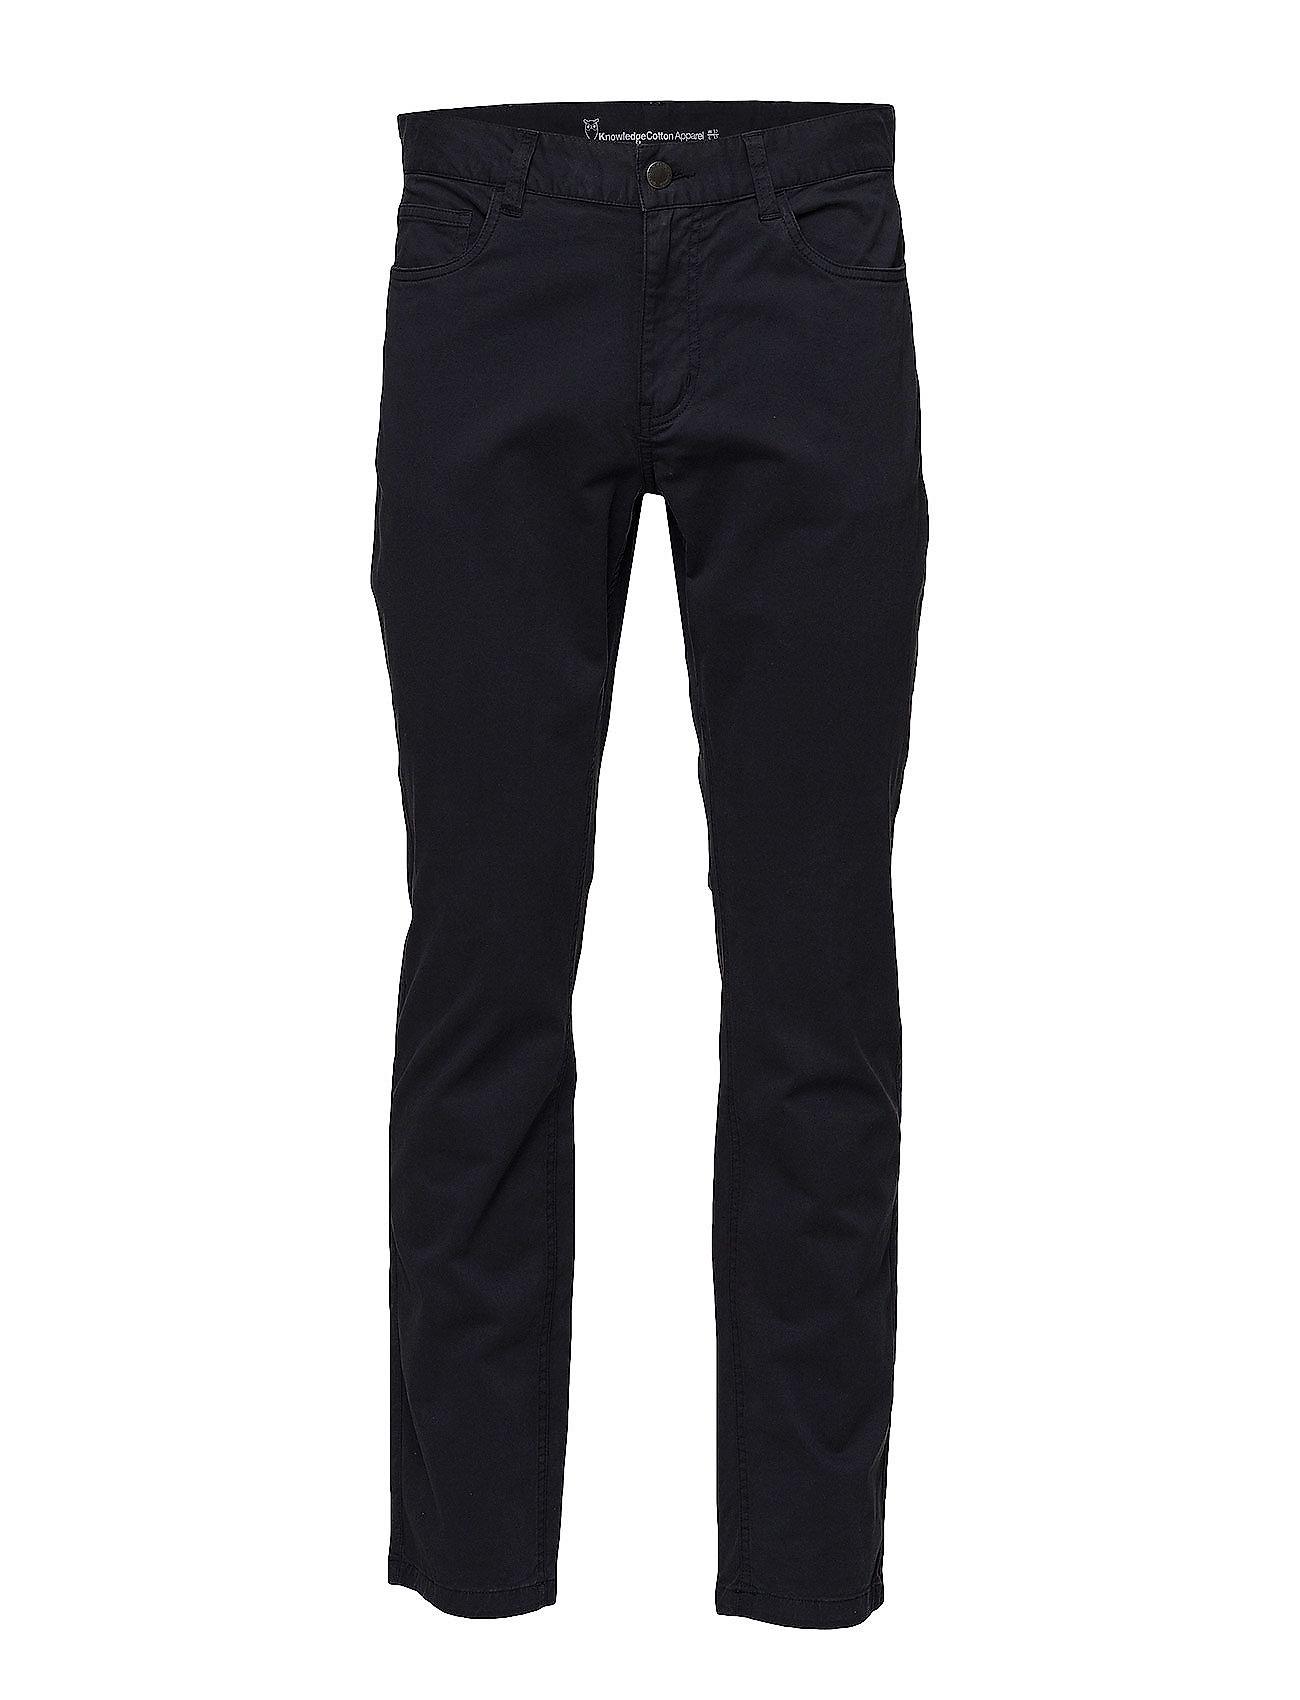 Billede af 5-Pocket Stretched Jeans - Gots